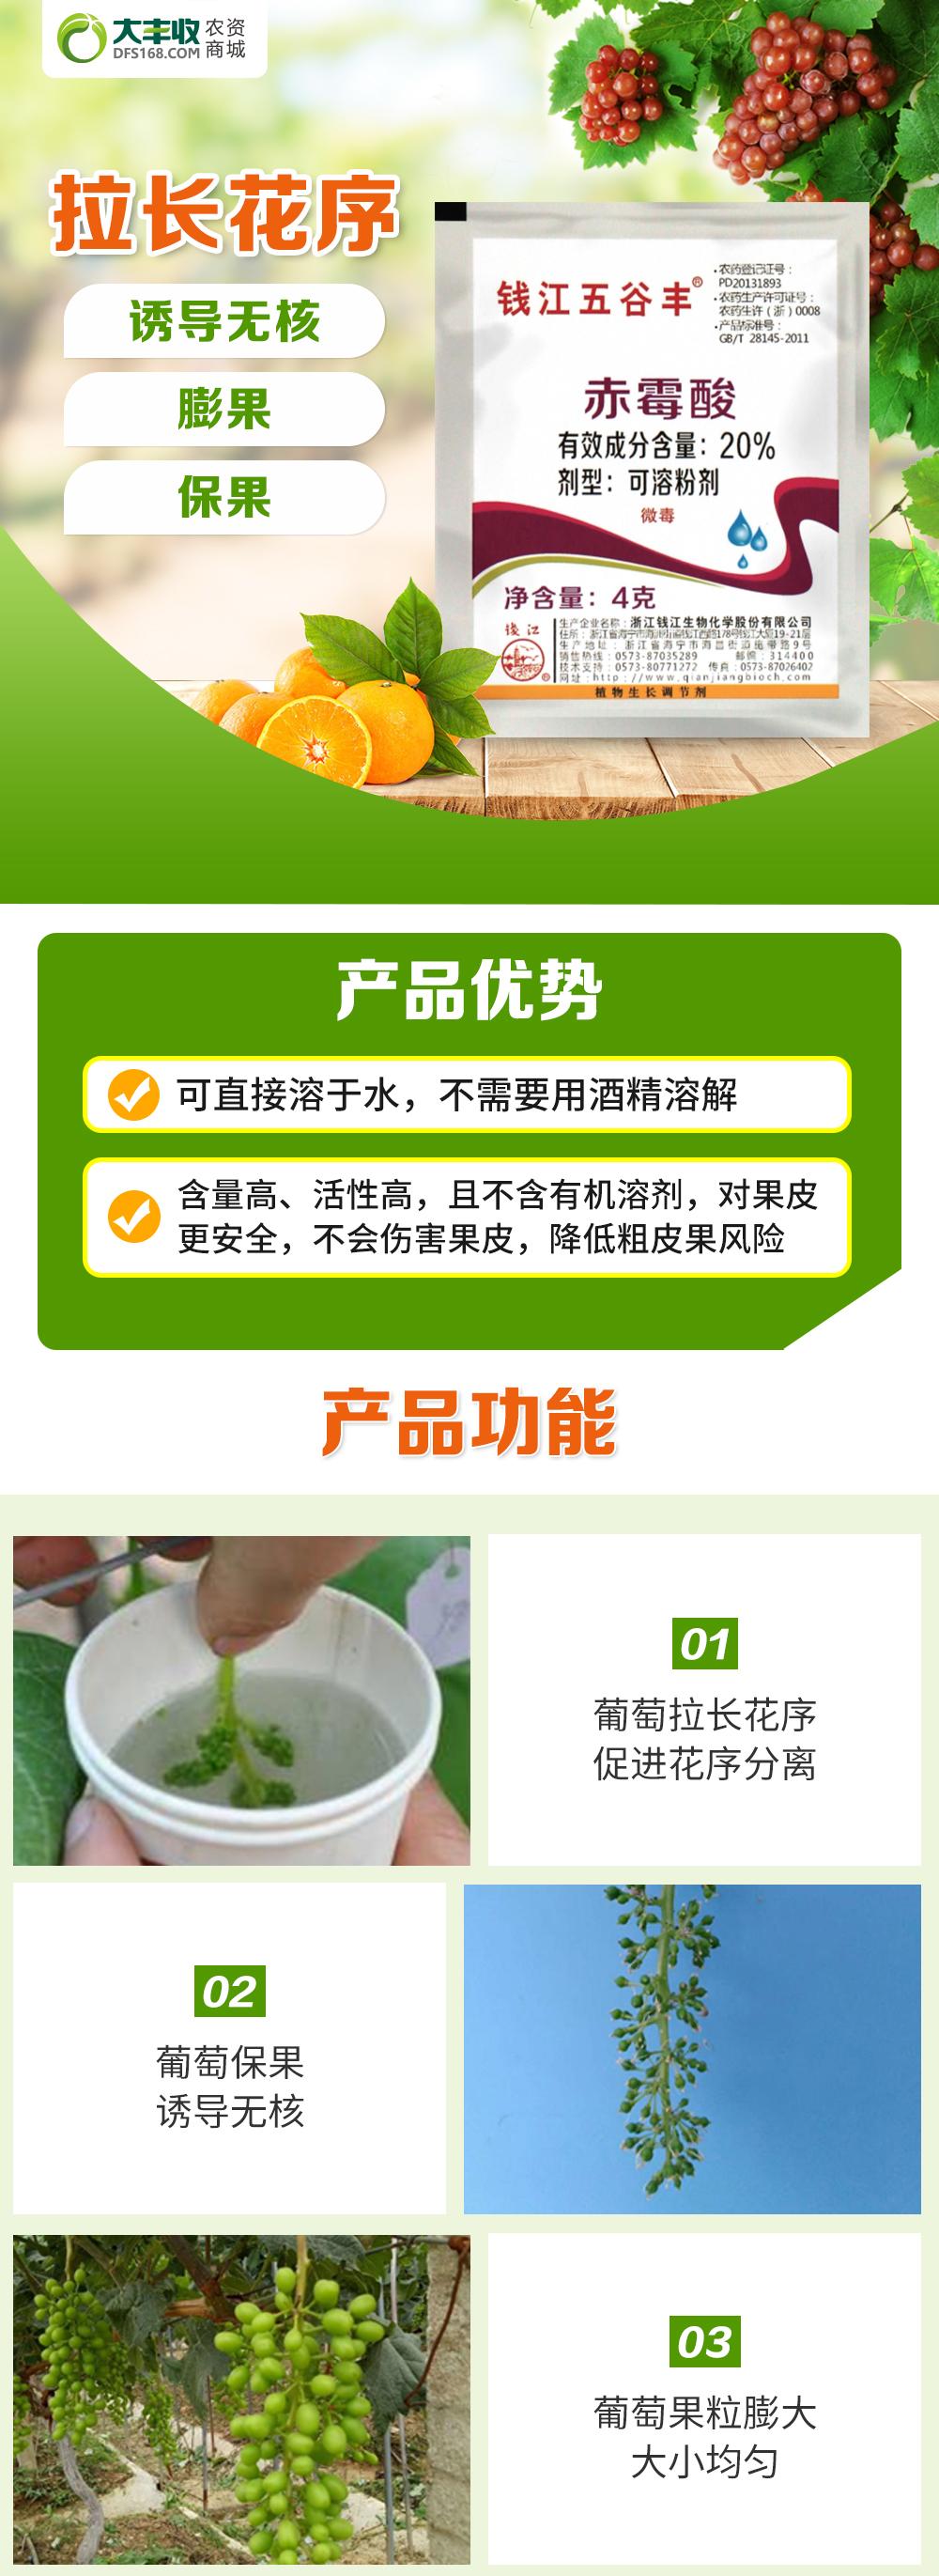 20%赤霉酸可溶粉剂商详—综合版_01.jpg